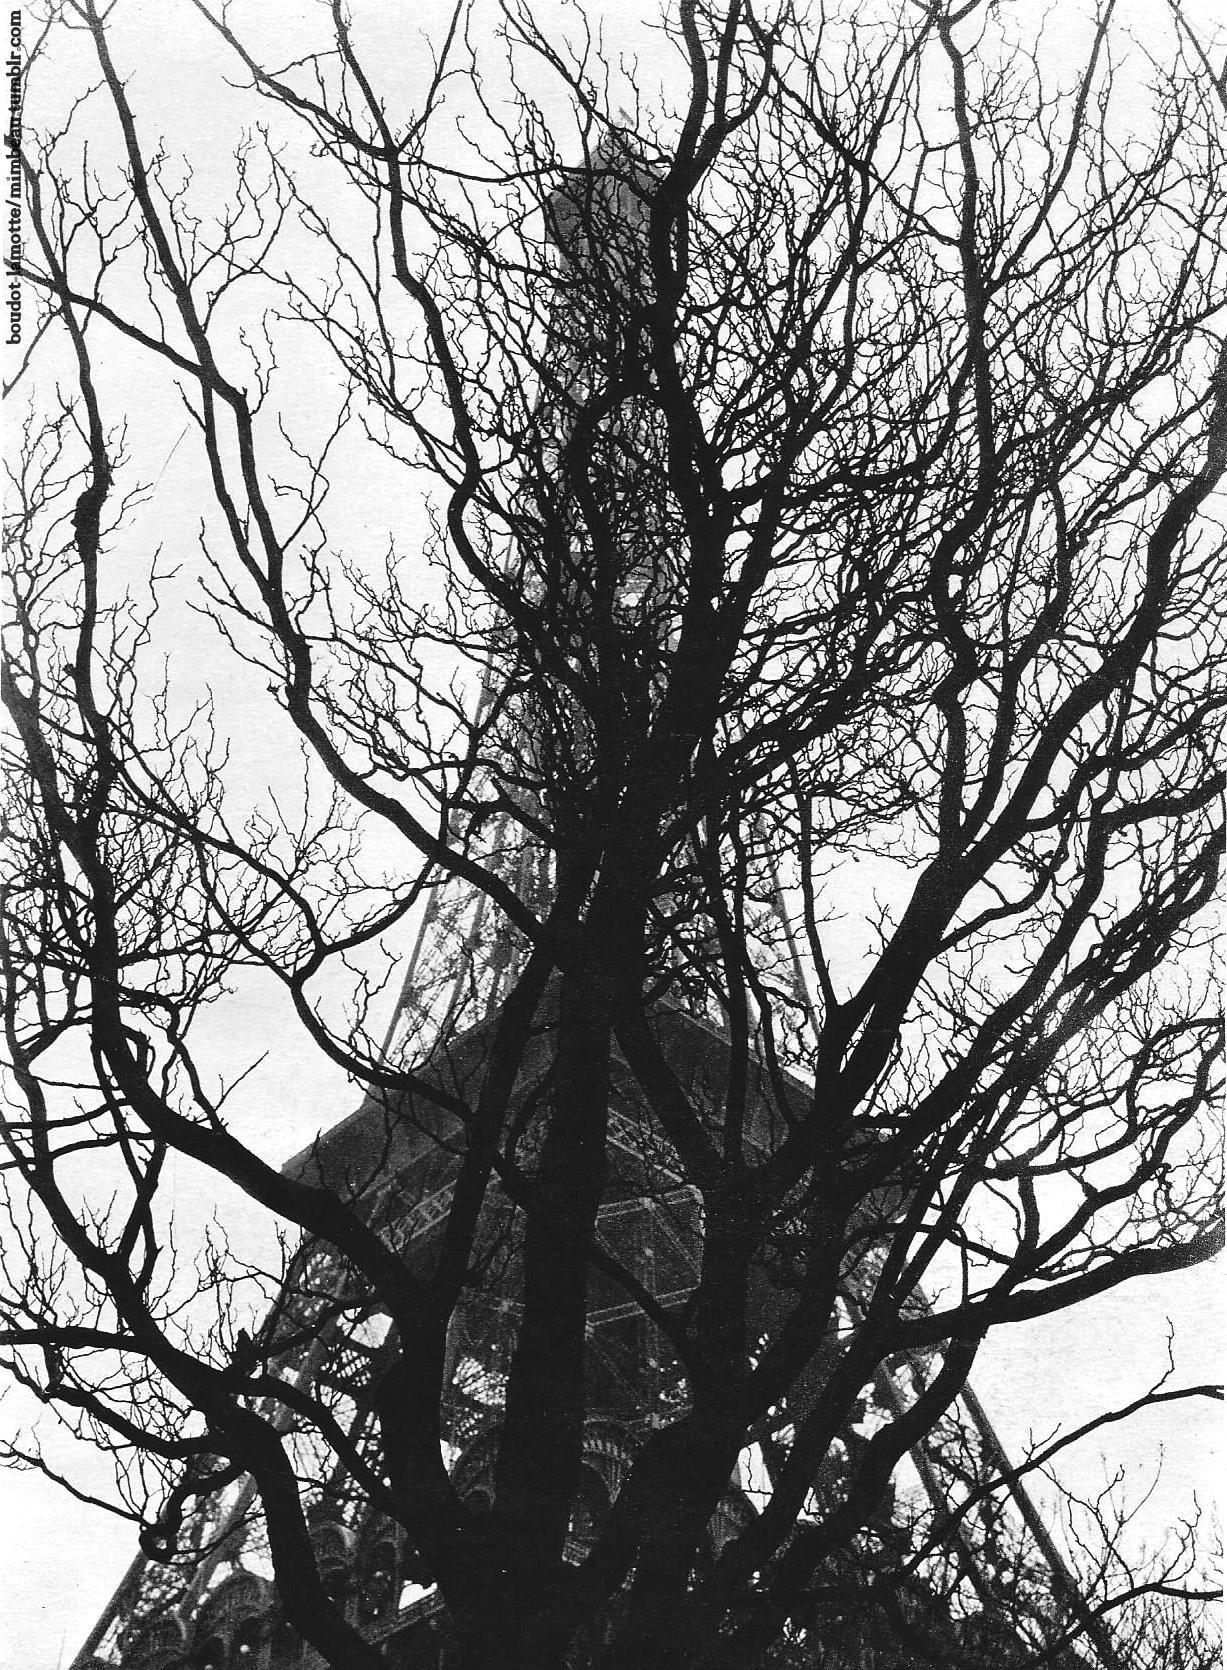 The Eiffel Tower Paris 1930s Emmanuel Boudot-Lamotte